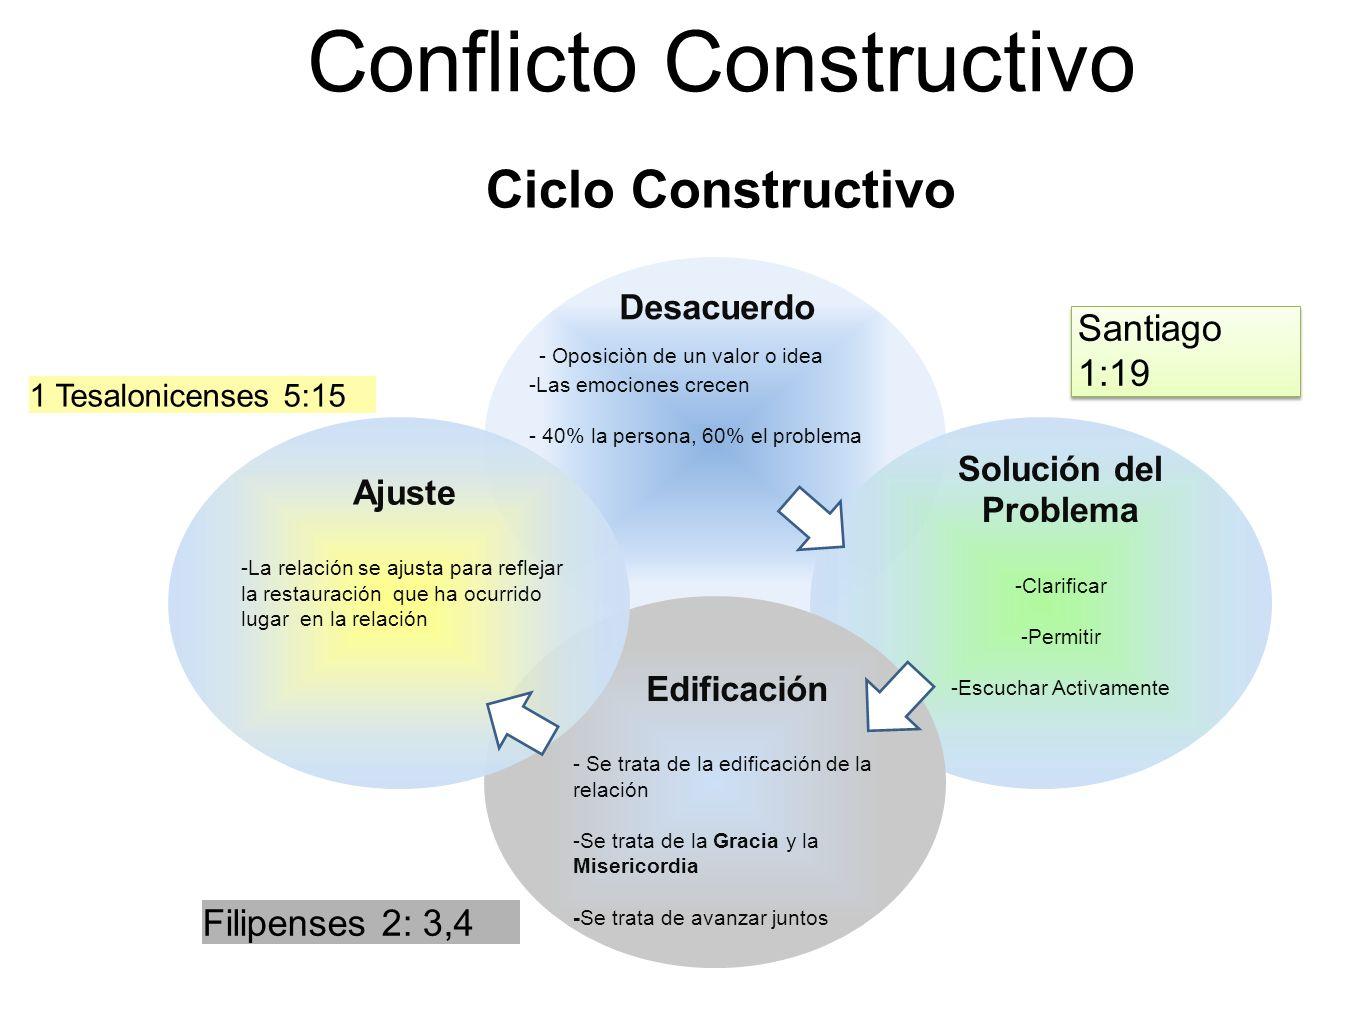 Conflicto Constructivo Ciclo Constructivo Santiago 1:19 Filipenses 2: 3,4 Desacuerdo - Oposiciòn de un valor o idea -Las emociones crecen - 40% la per